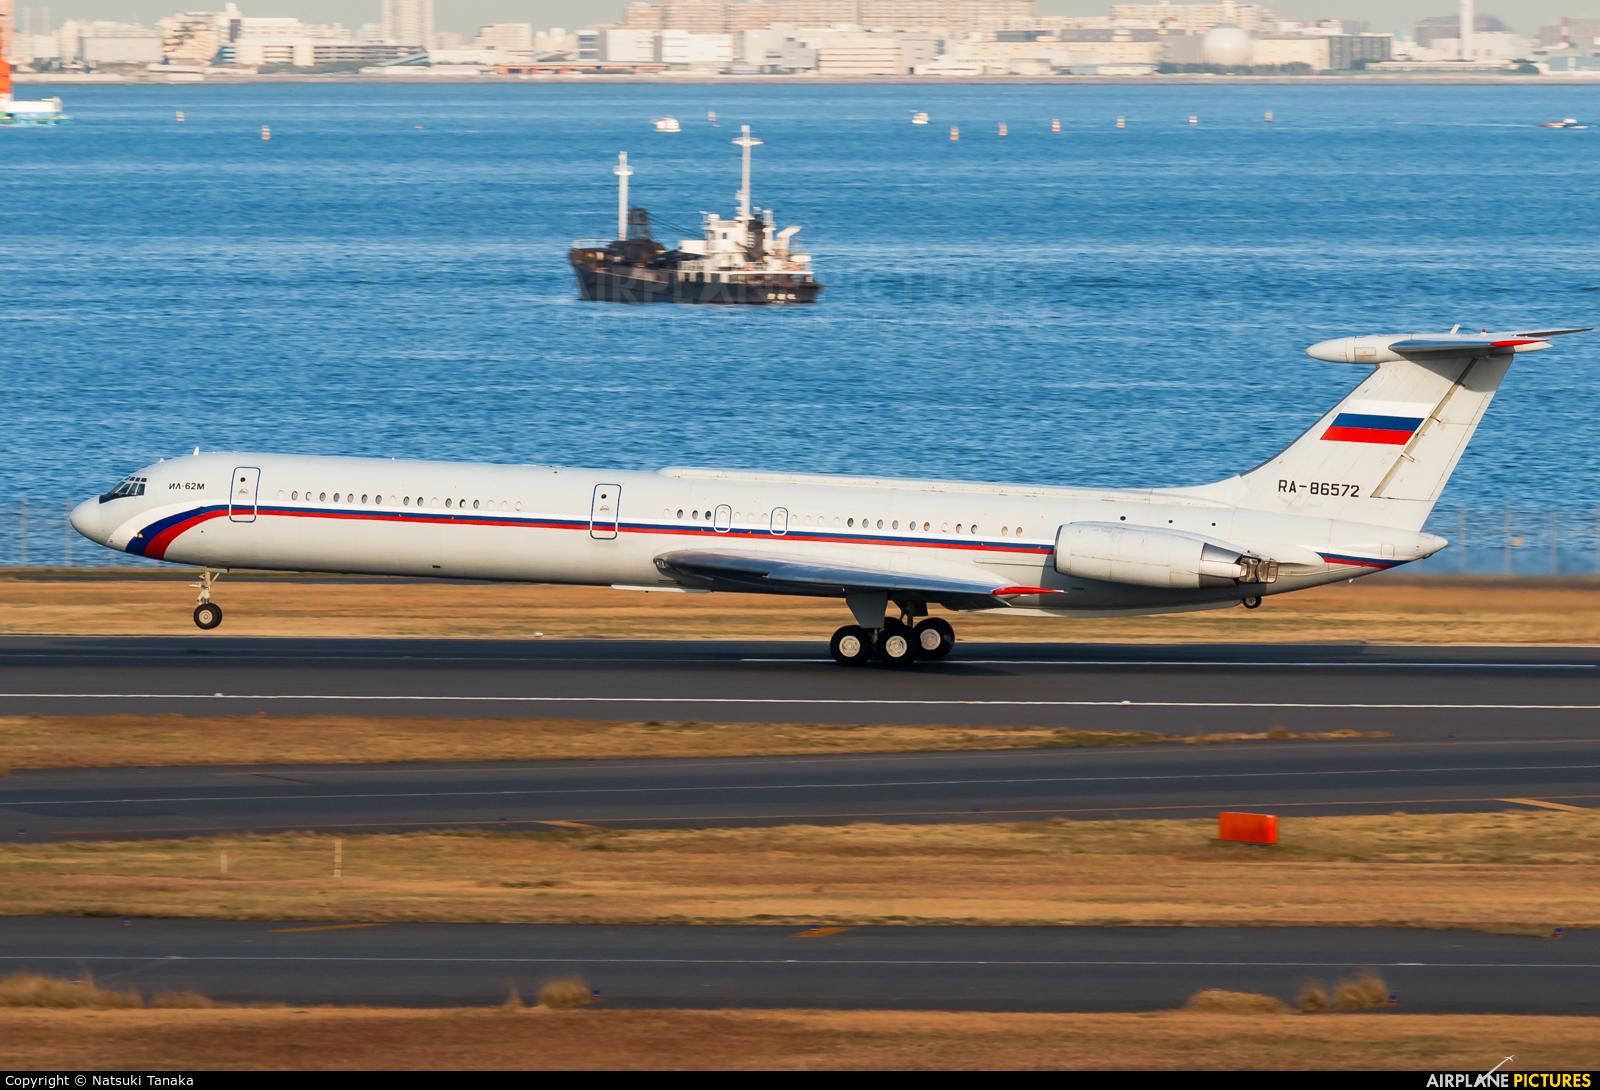 Russia - Air Force RA-86572 aircraft at Tokyo - Haneda Intl